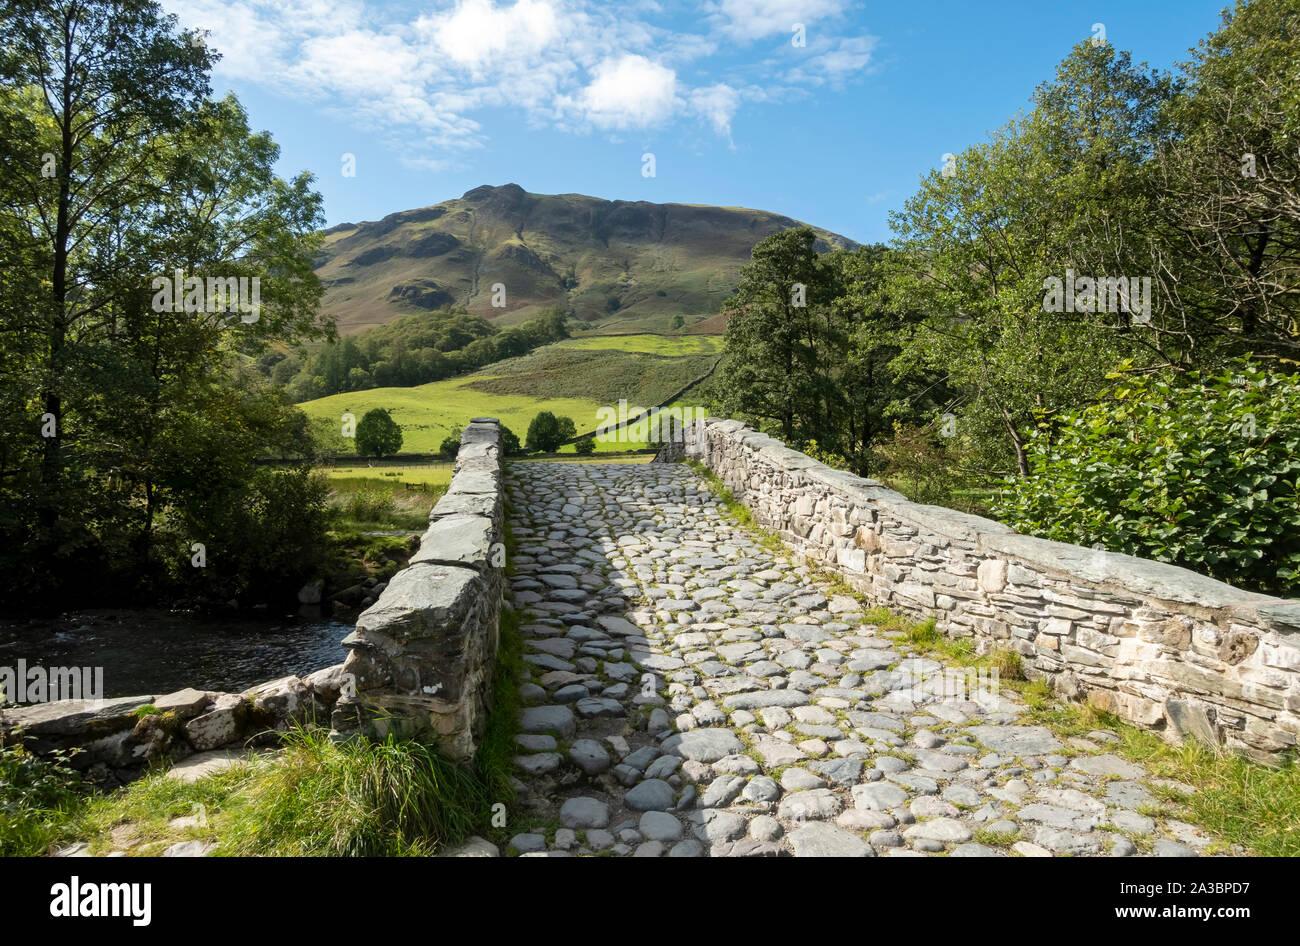 New Bridge attraverso il fiume Derwent sulla Cumbria Way Walk Rosshwaite Borrowdale Lake District National Park Cumbria Inghilterra Regno Unito Gran Bretagna Foto Stock